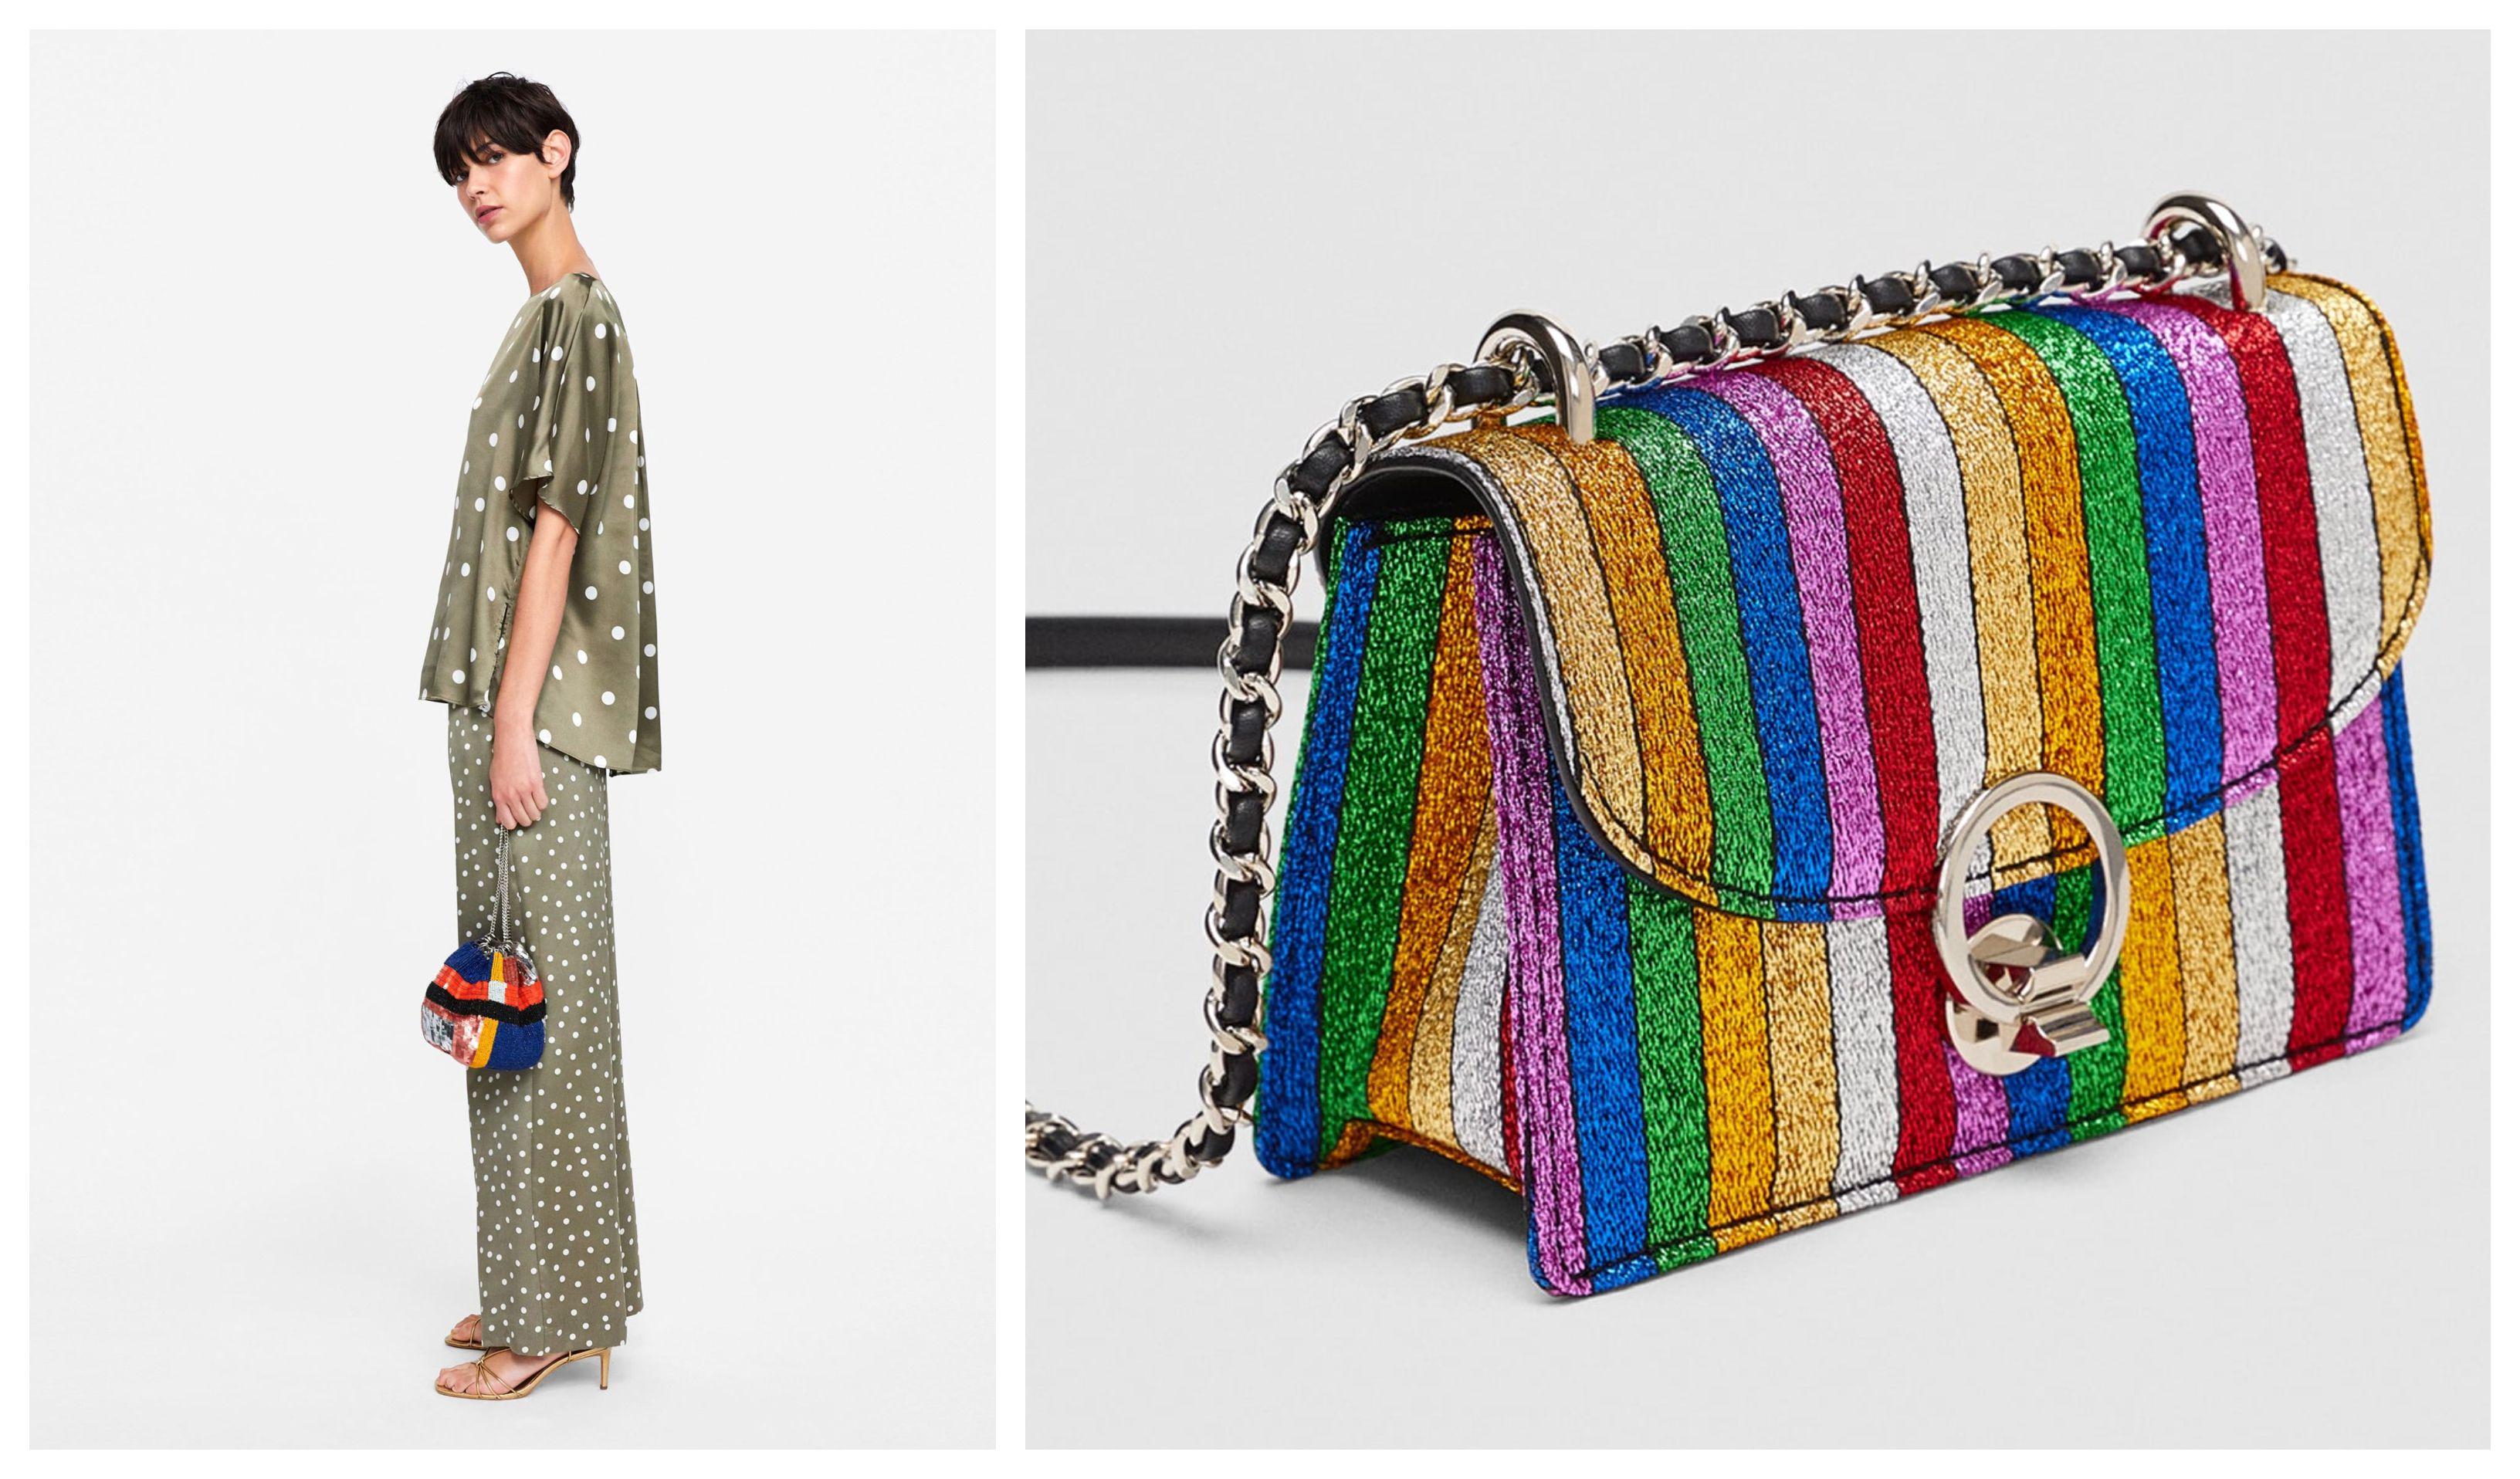 Ako mislite kupiti torbicu, neka bude jedna od ovih cool modela iz Zare